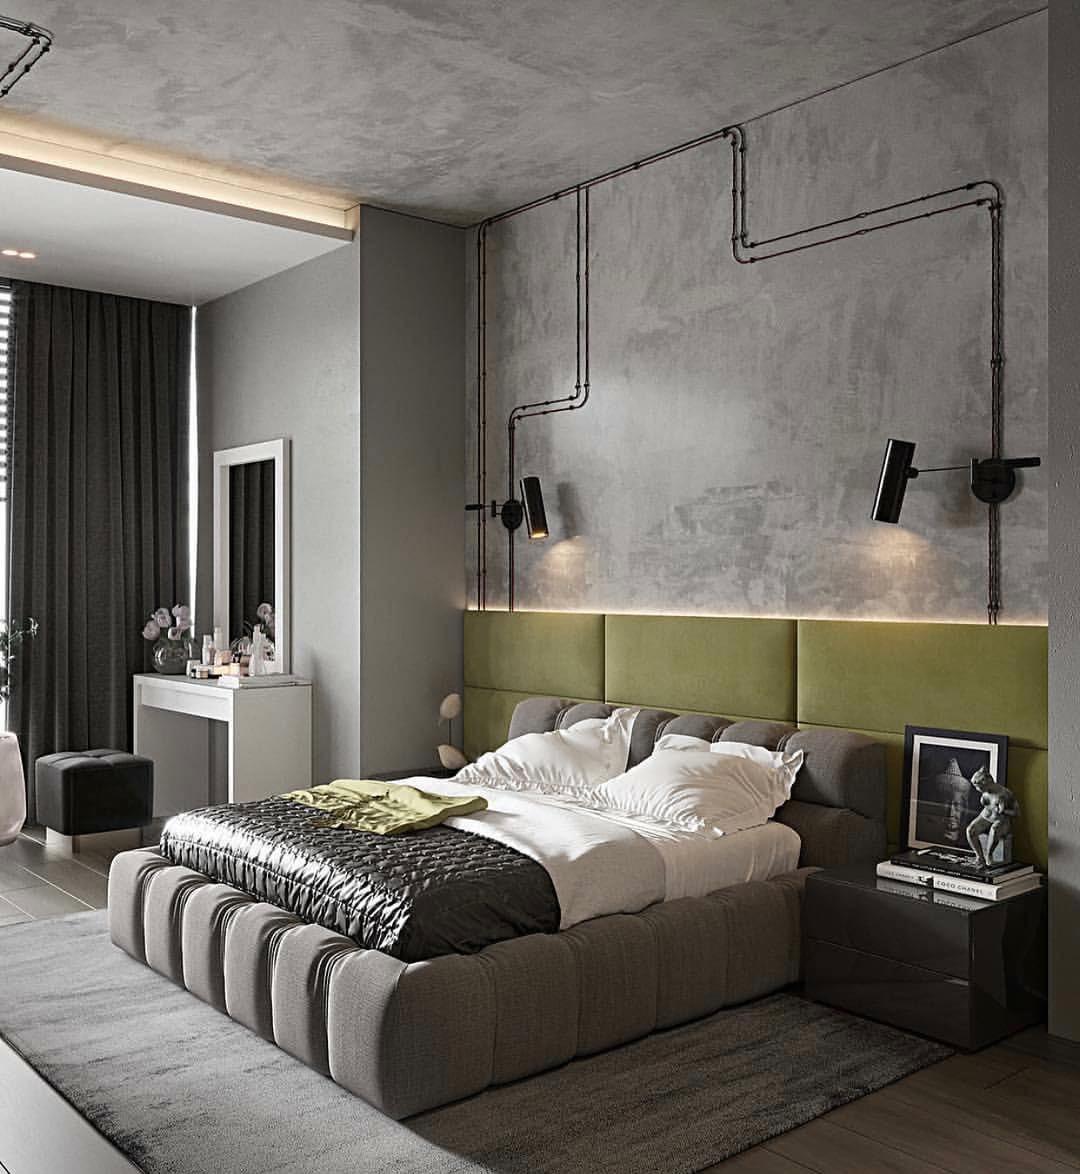 Спальня в стиле лофт в квартире: современные идеи дизайна интерьера на фото